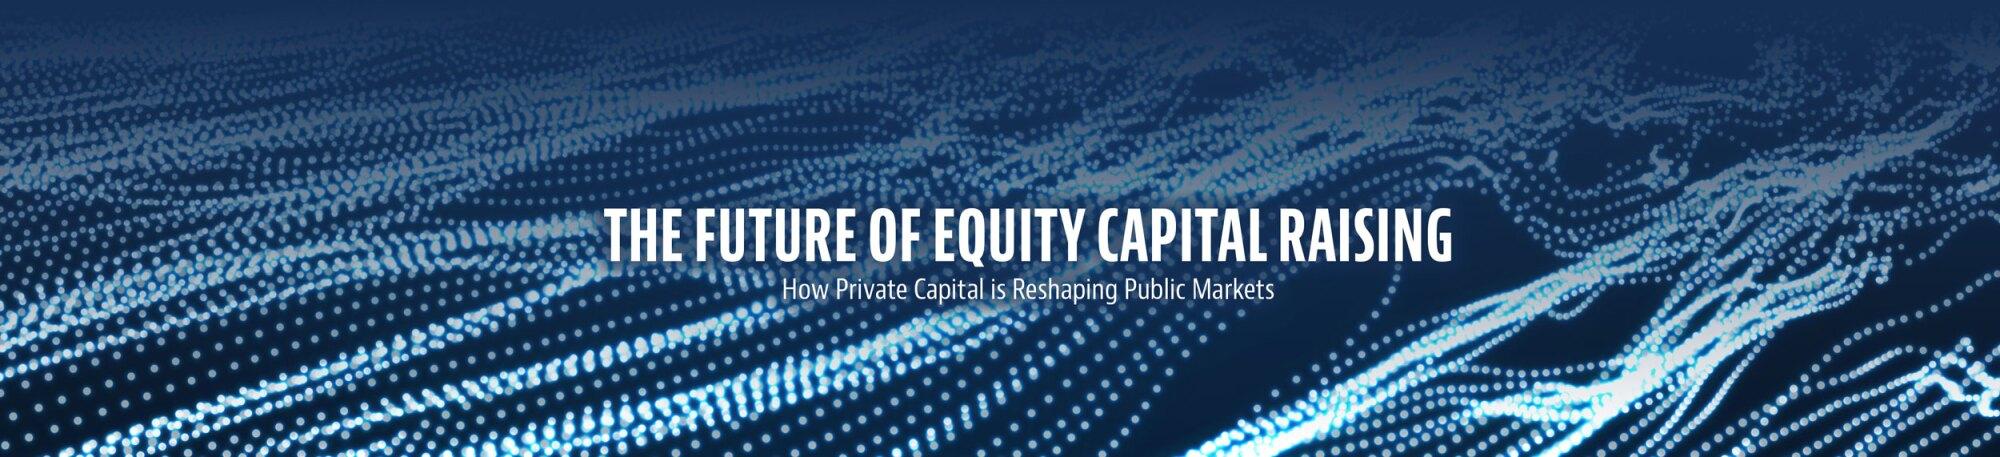 Equity-Capital-Raising-banner-2.jpg